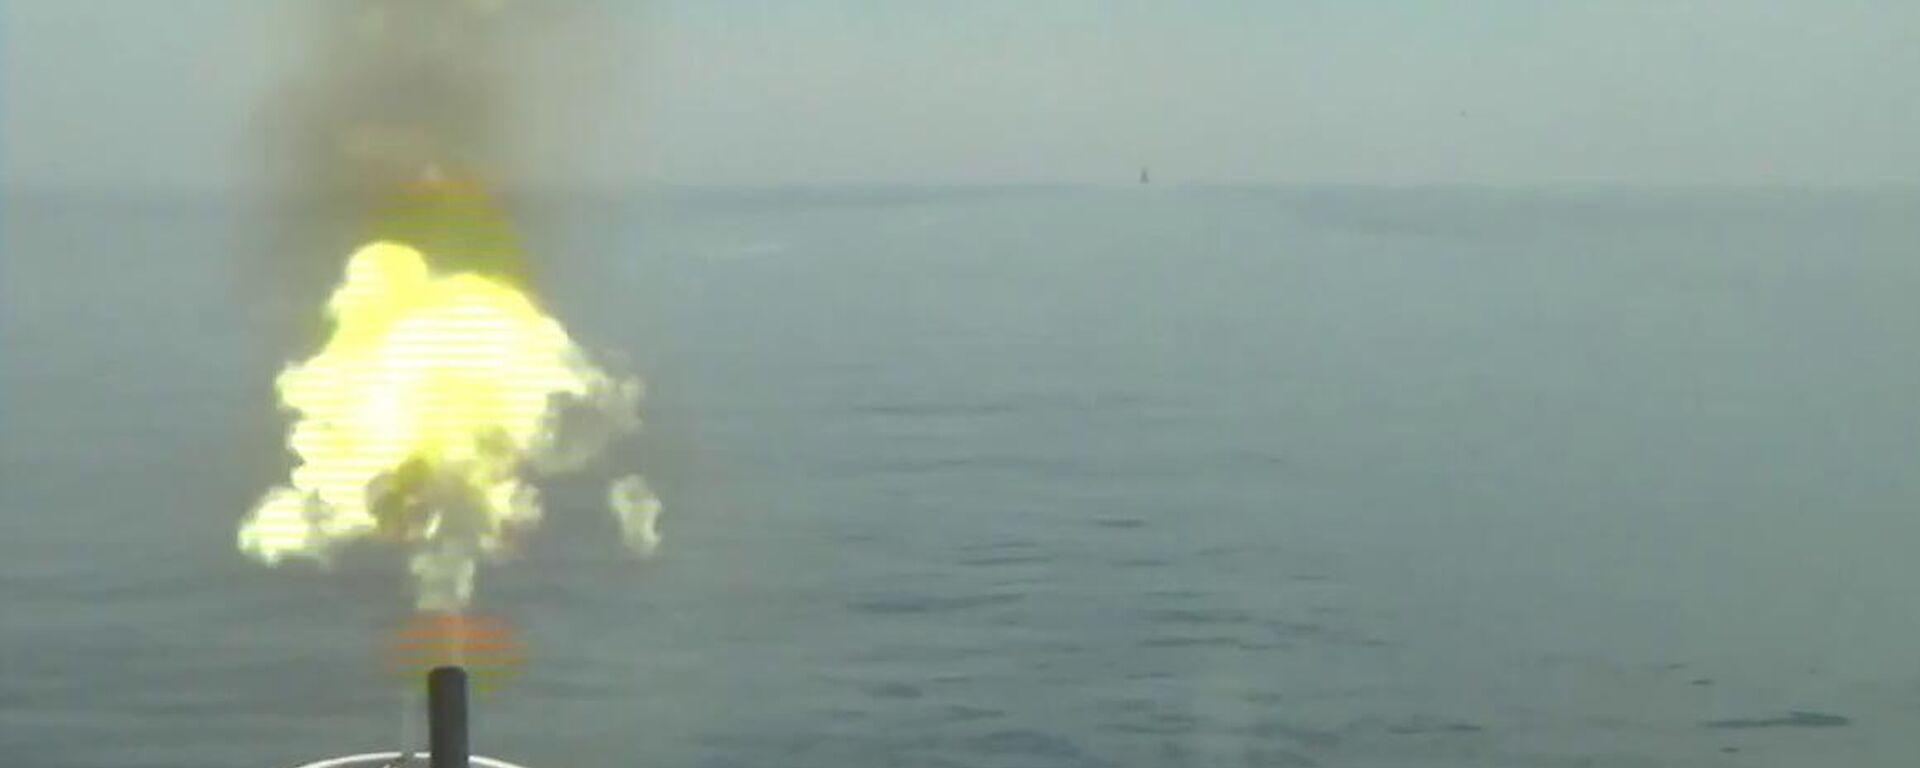 Incidente con el destructor británico Defender en las aguas territoriales rusas, el 23 de junio del 2021 - Sputnik Mundo, 1920, 24.06.2021